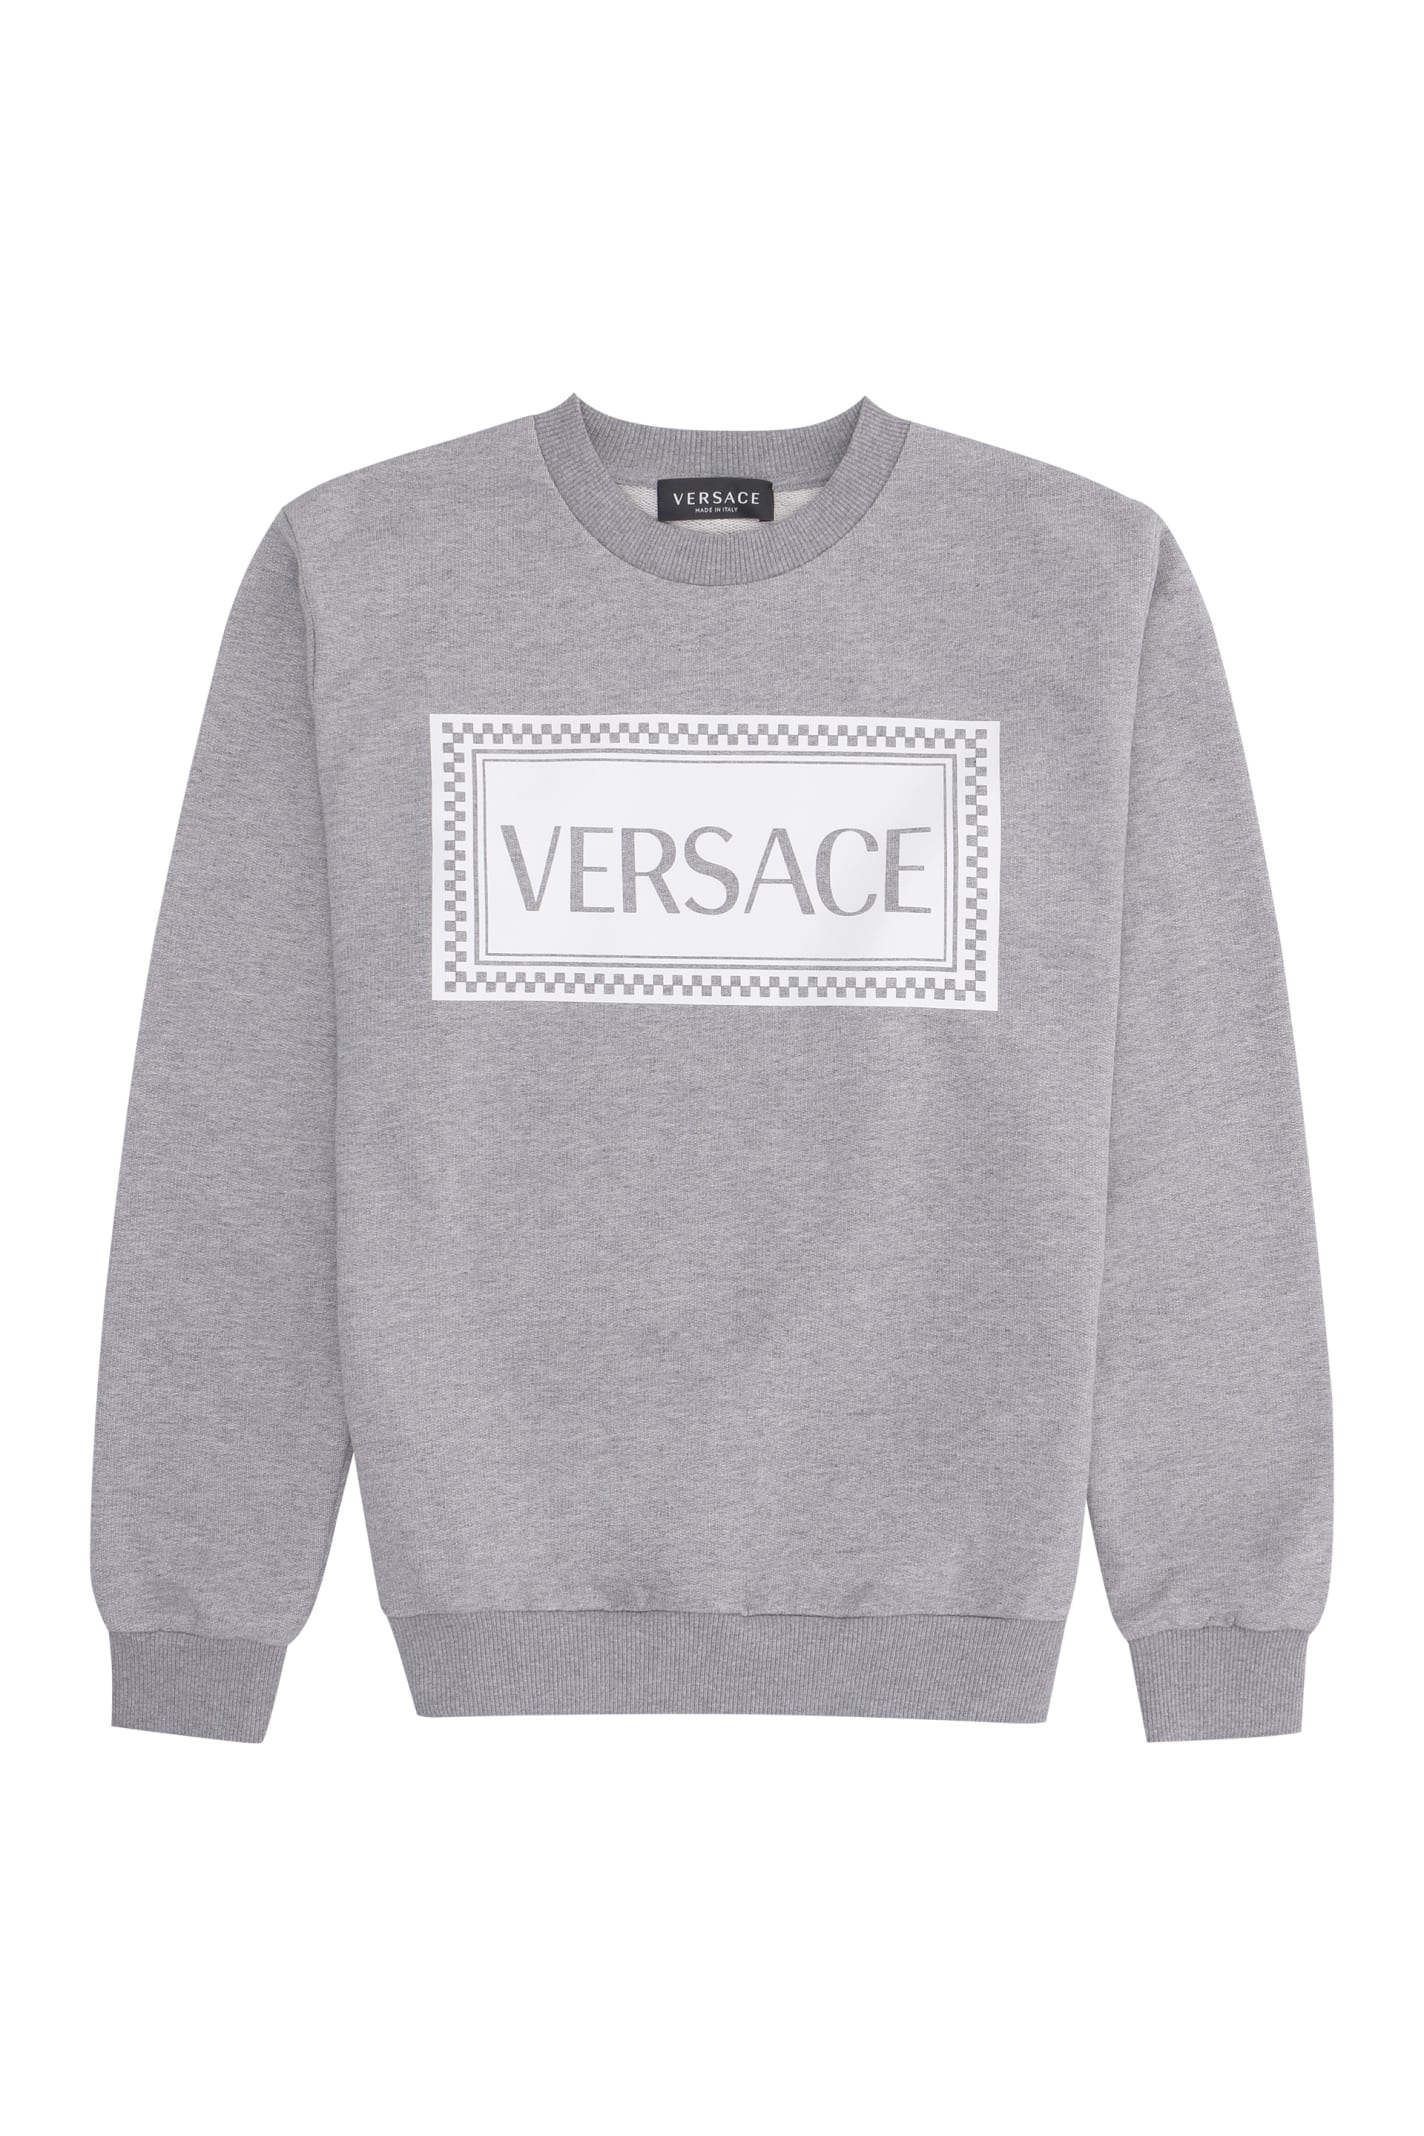 Young Versace COTTON CREW-NECK SWEATSHIRT